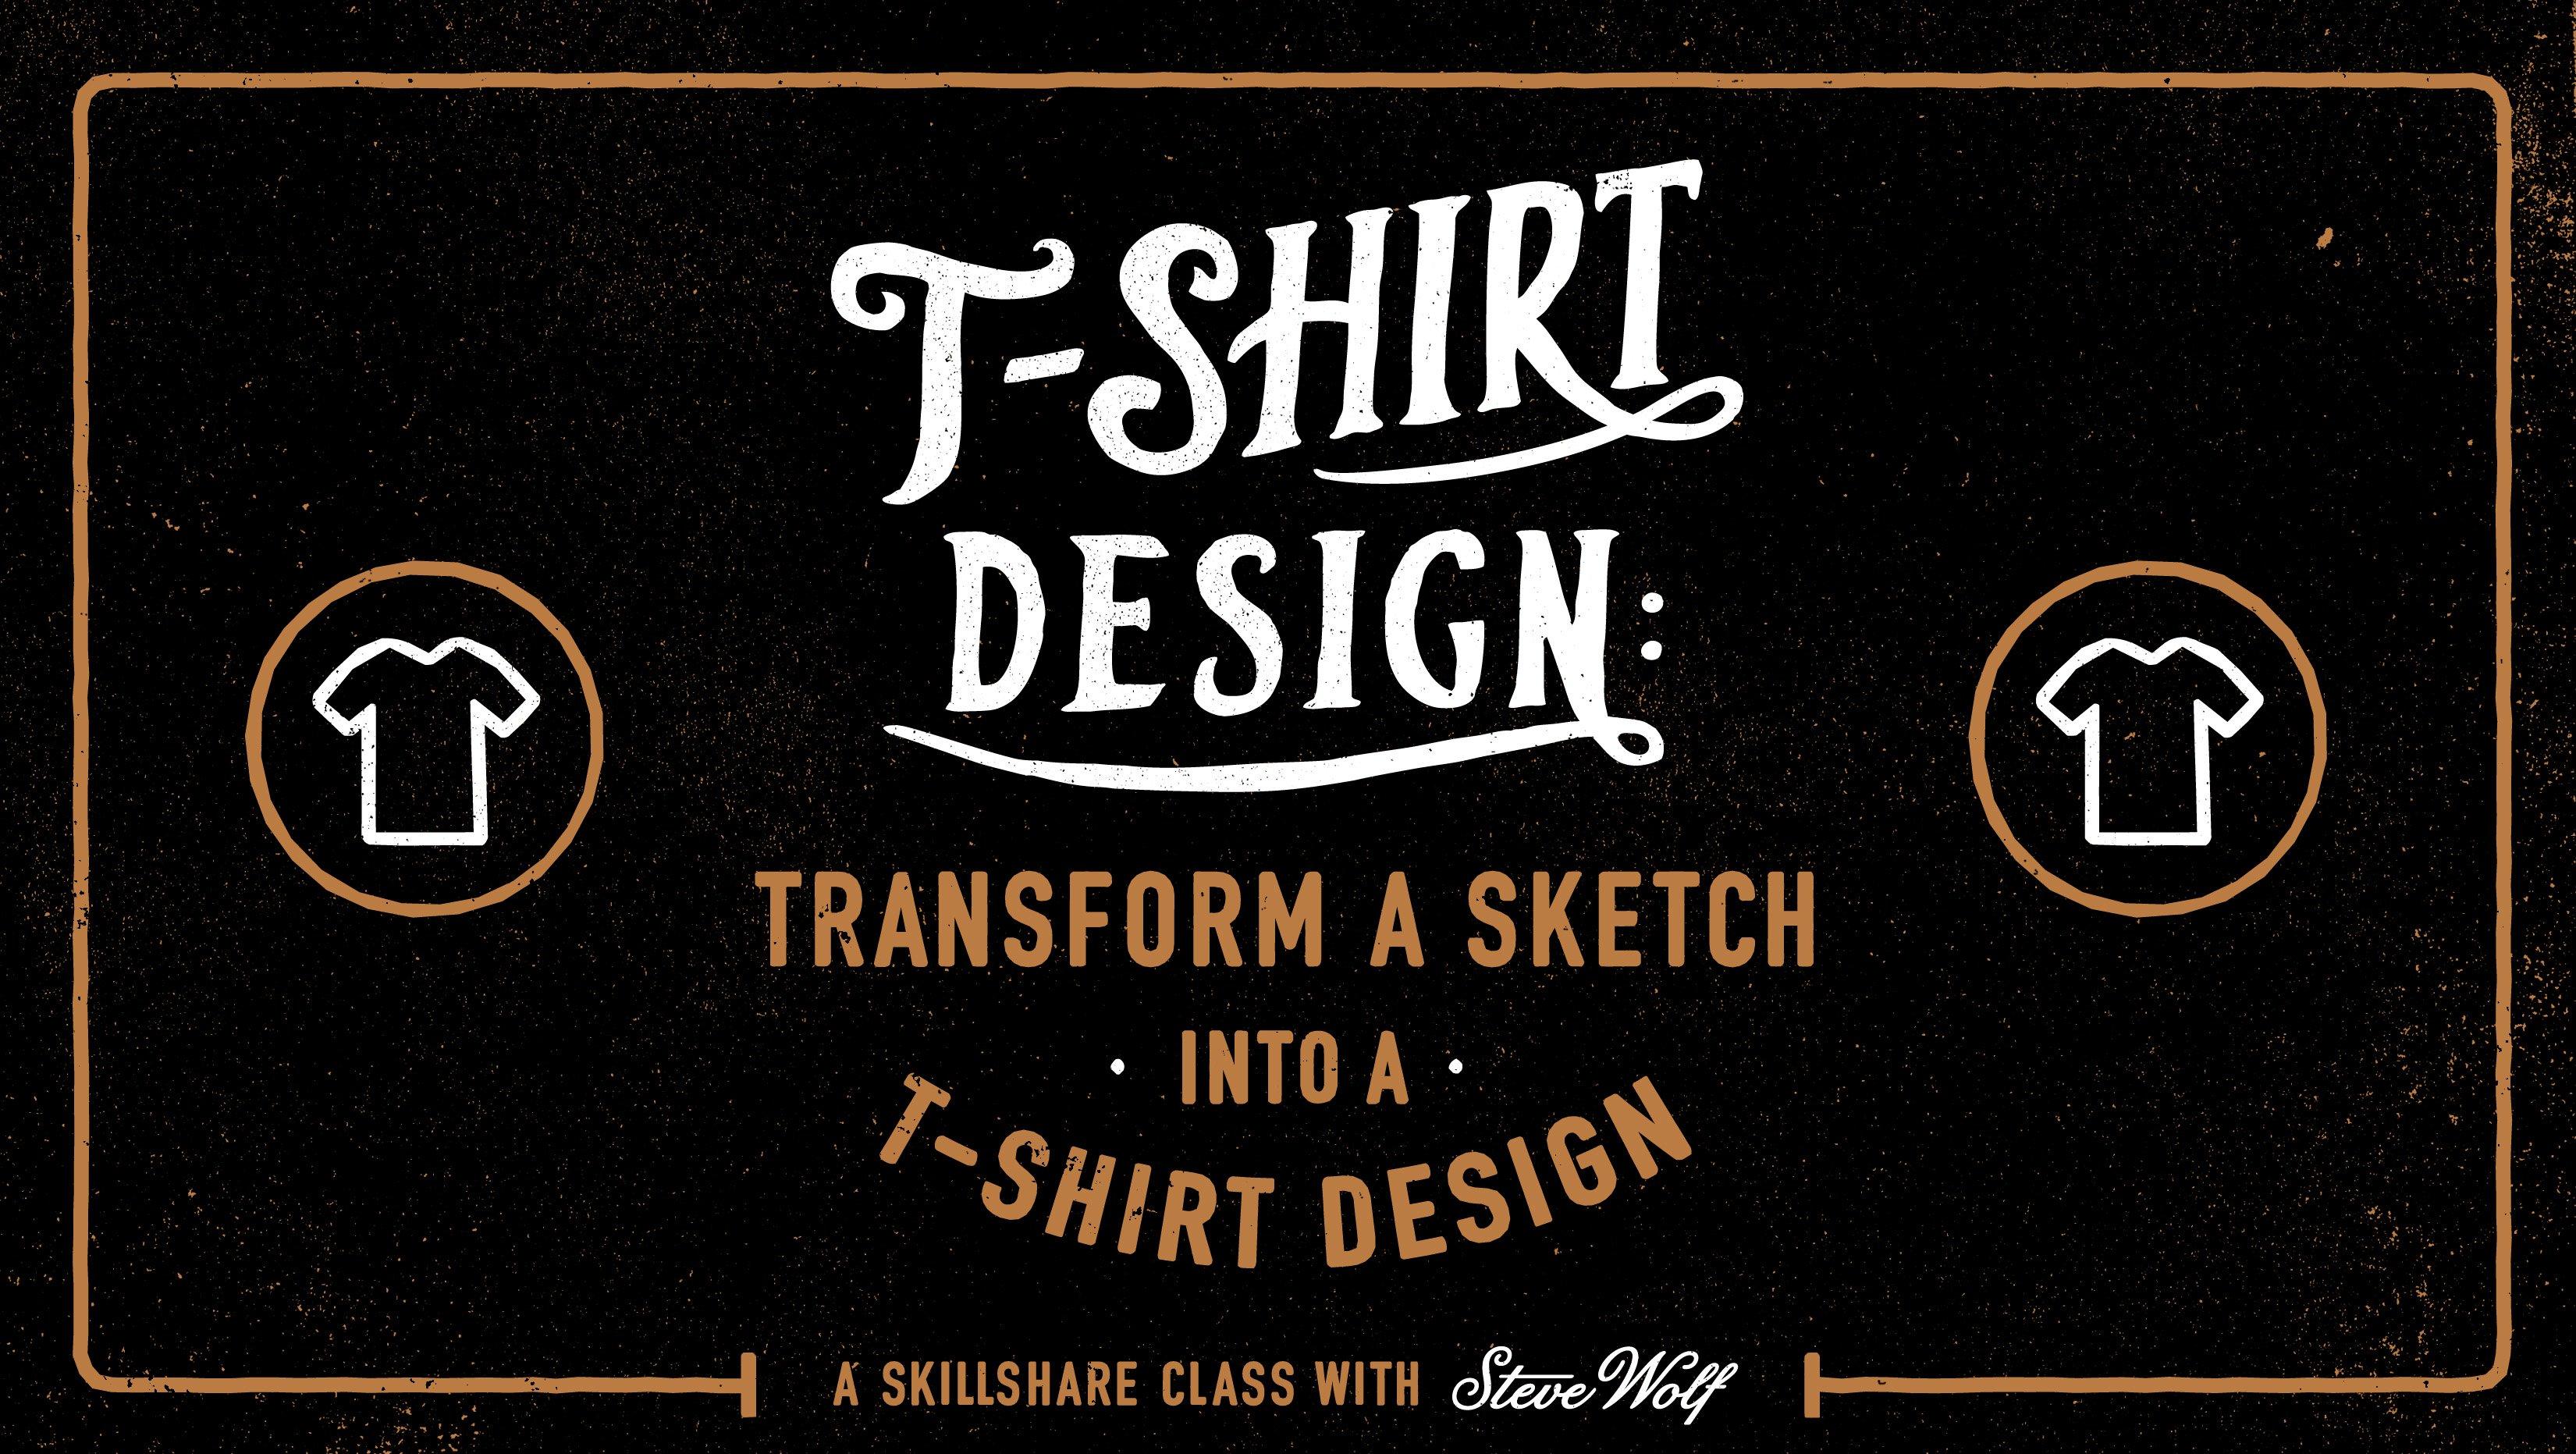 Design t shirt for class - T Shirt Design Transform A Sketch Into A T Shirt Design Steve Wolf Skillshare